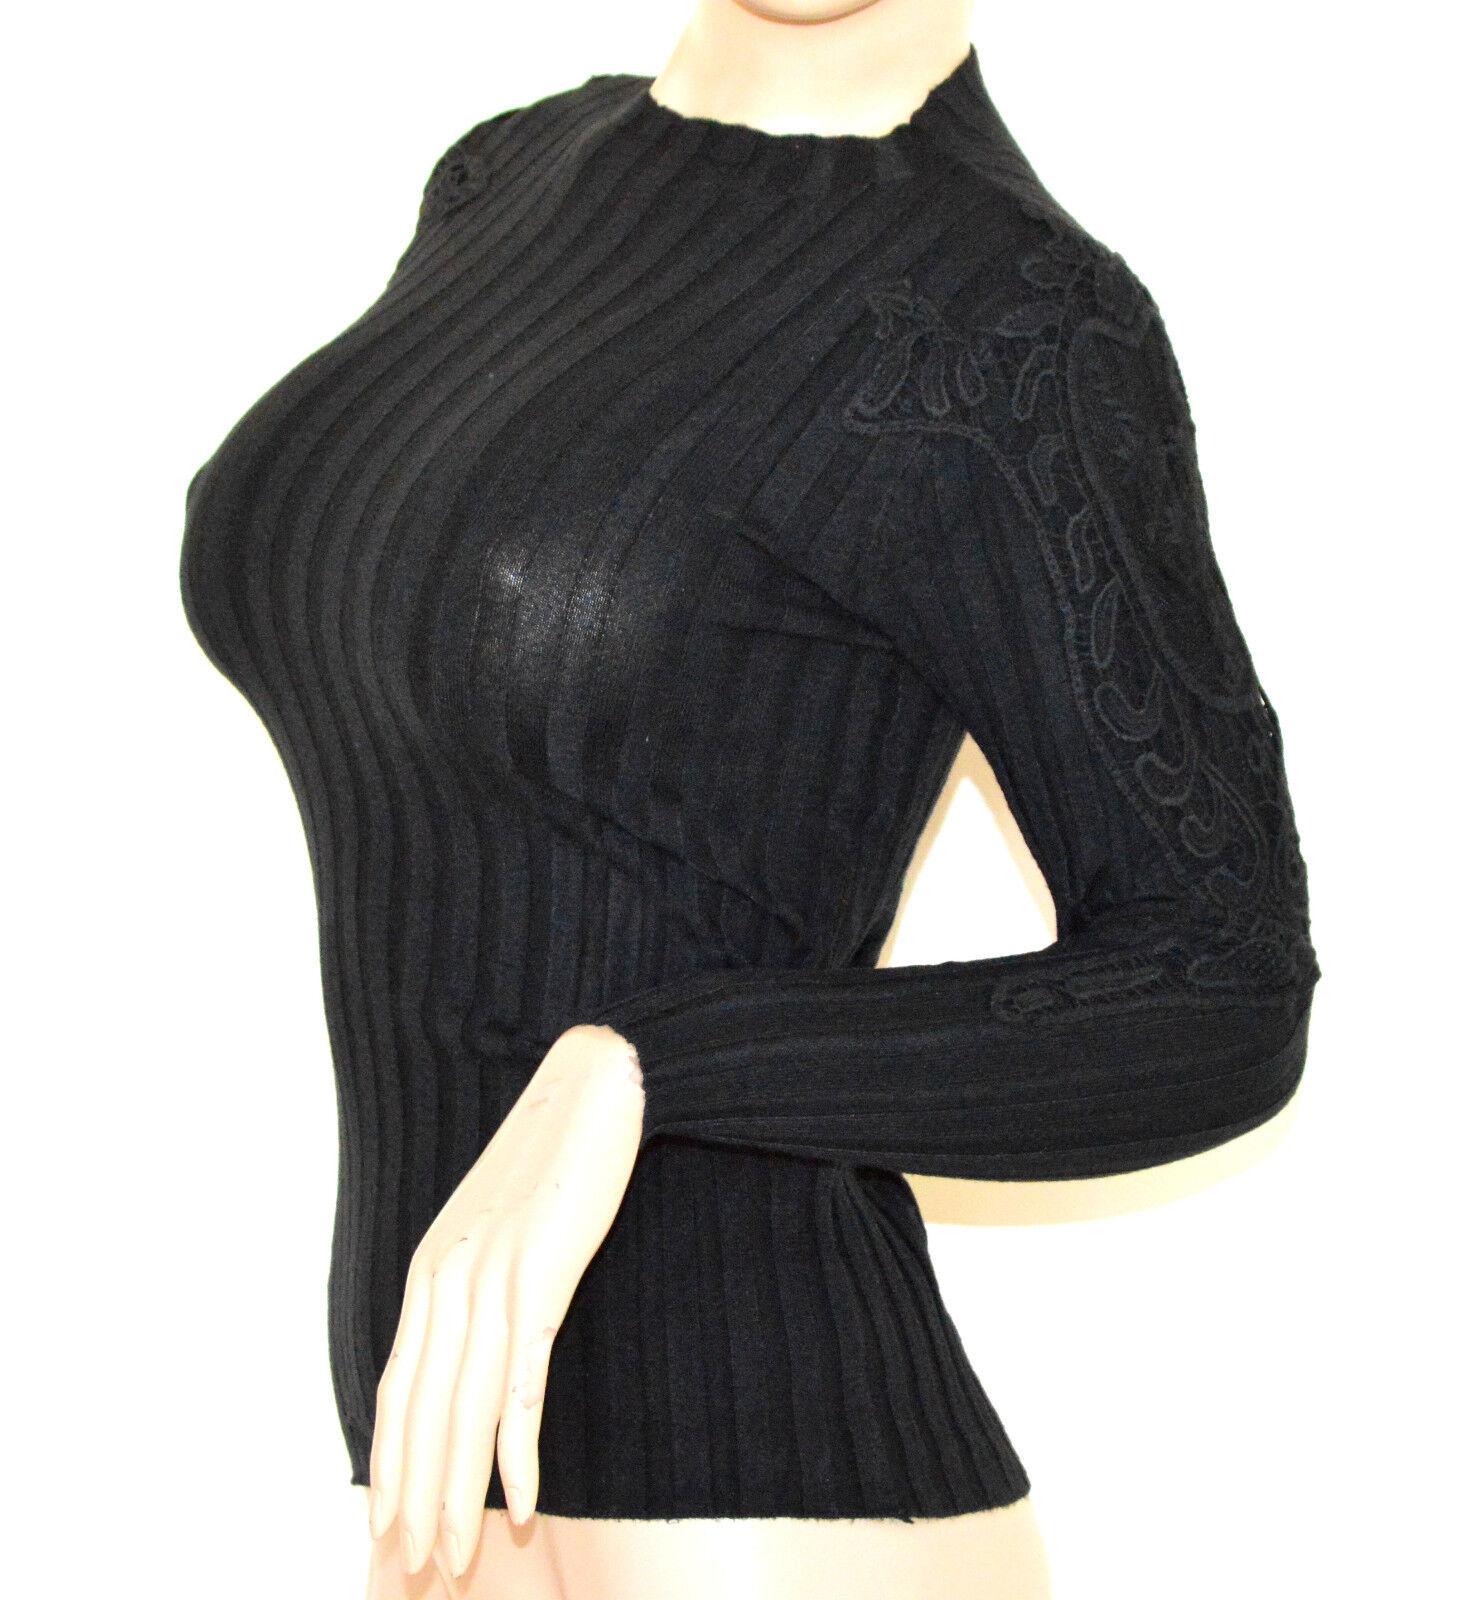 MAGLIETTA NERA donna maglione manica lunga ricamata sottogiacca girocollo A23